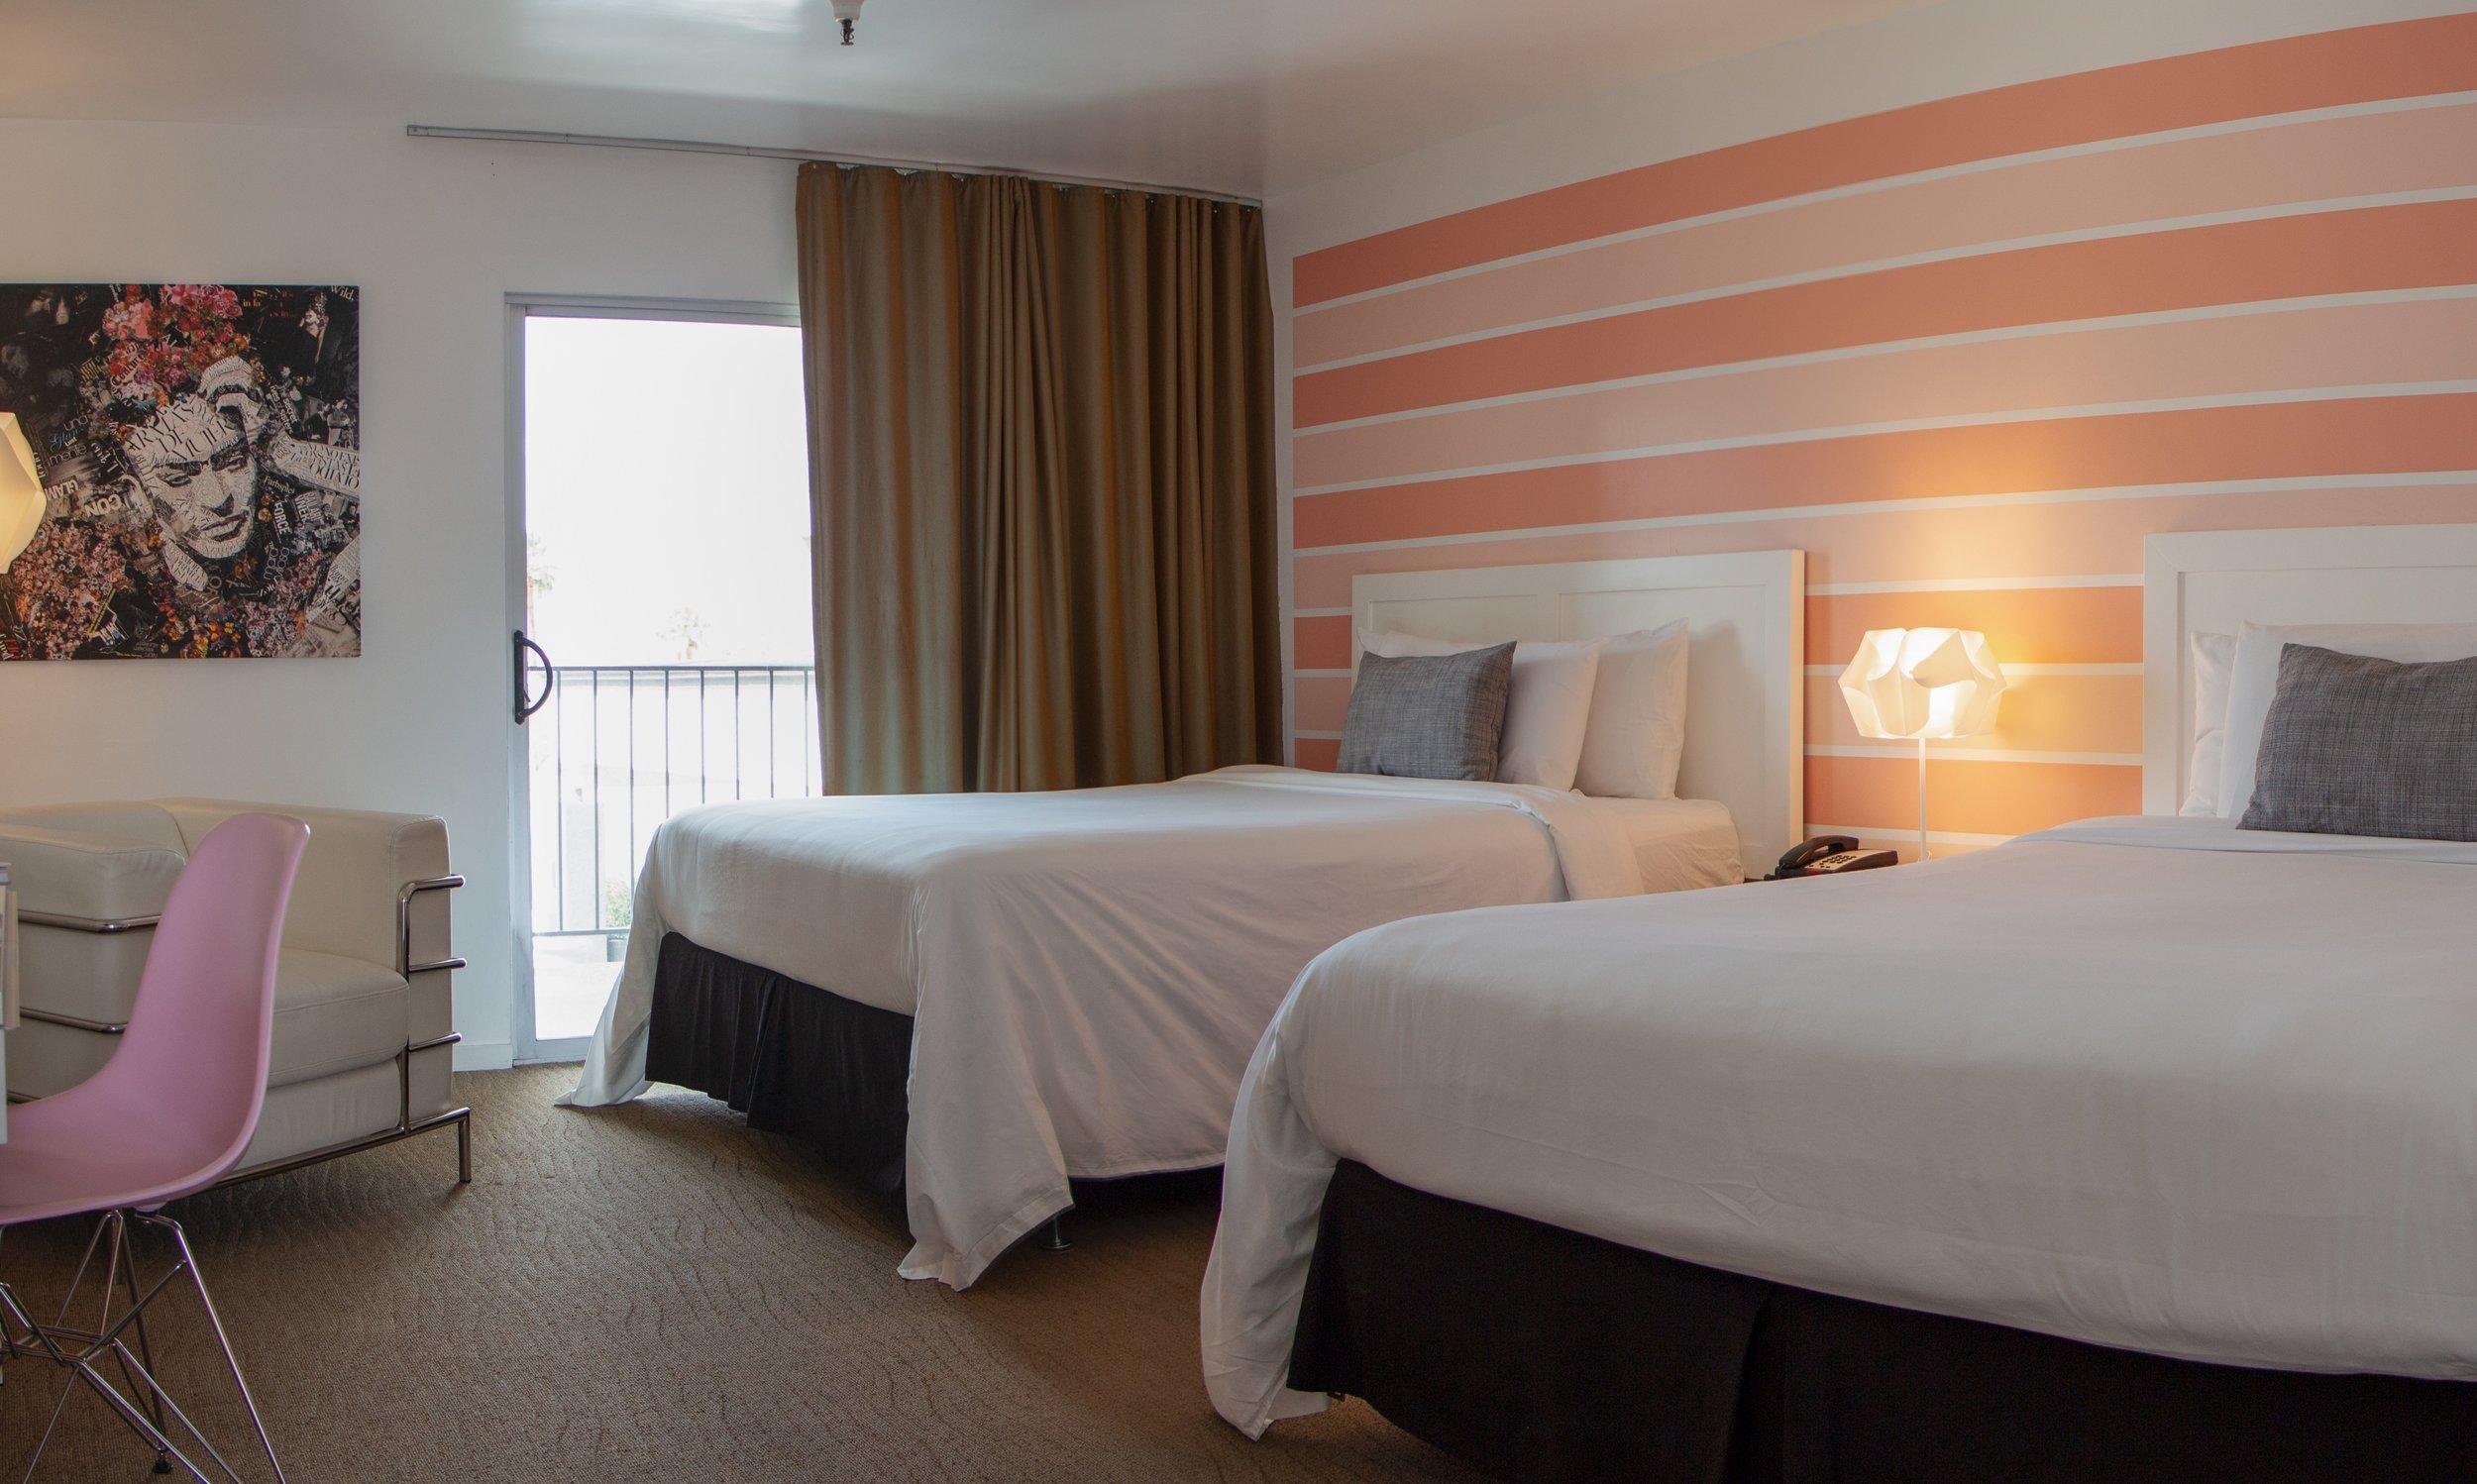 desert-hot-springs-yoga-retreat-double-room.jpg